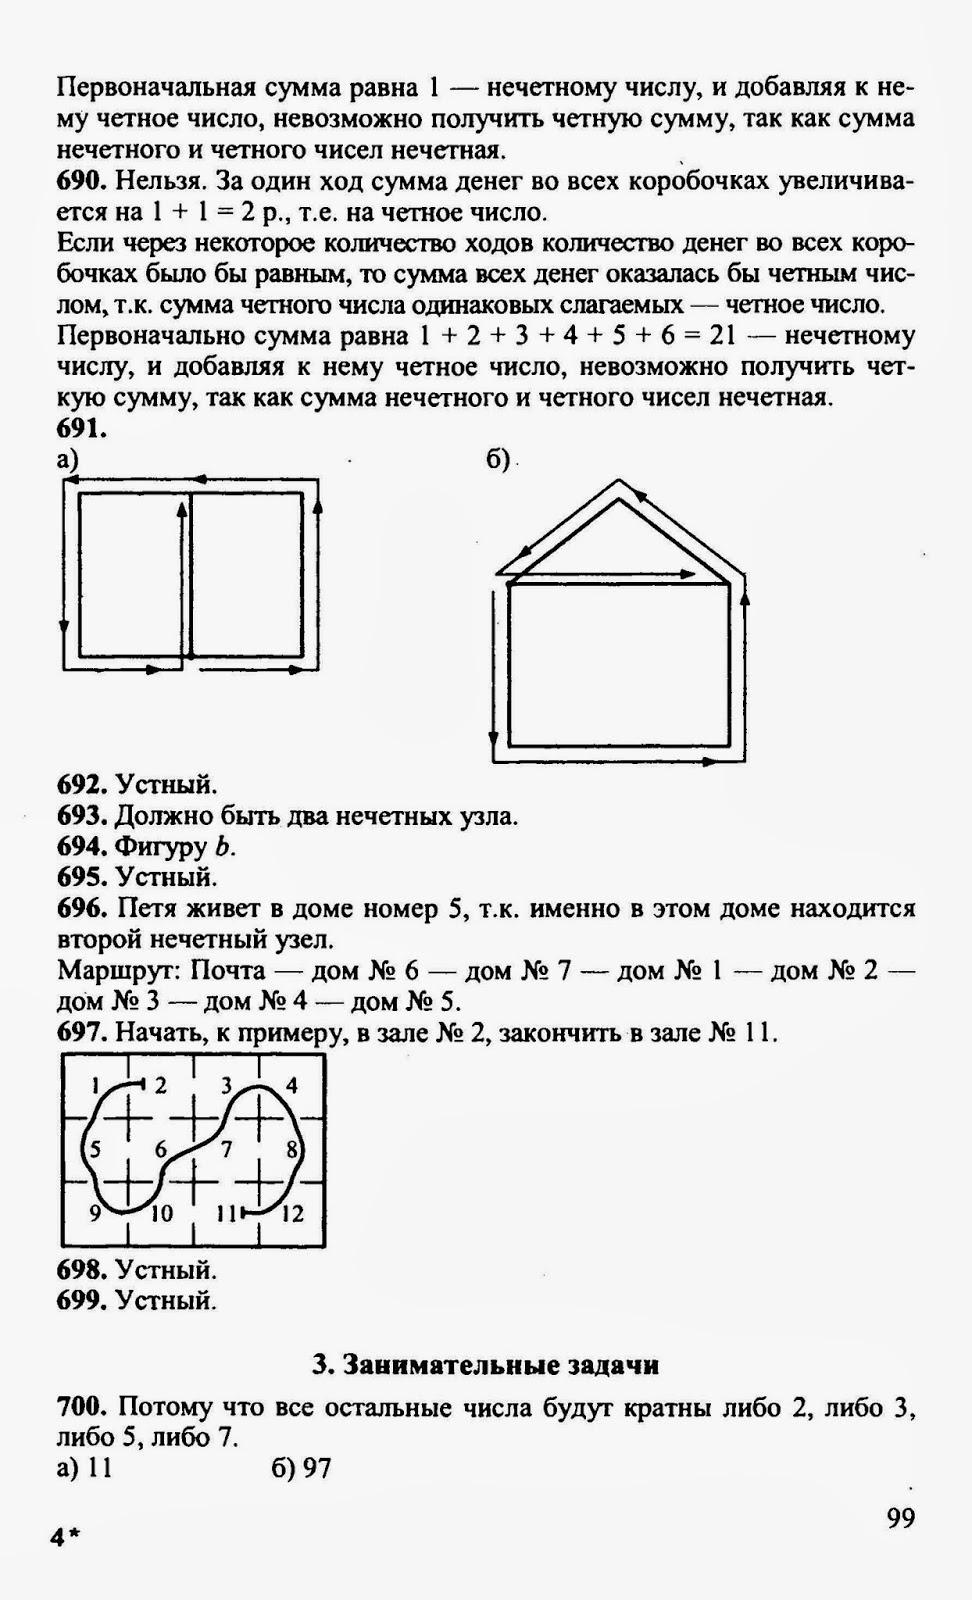 Класс 5 домашнего решебник задания